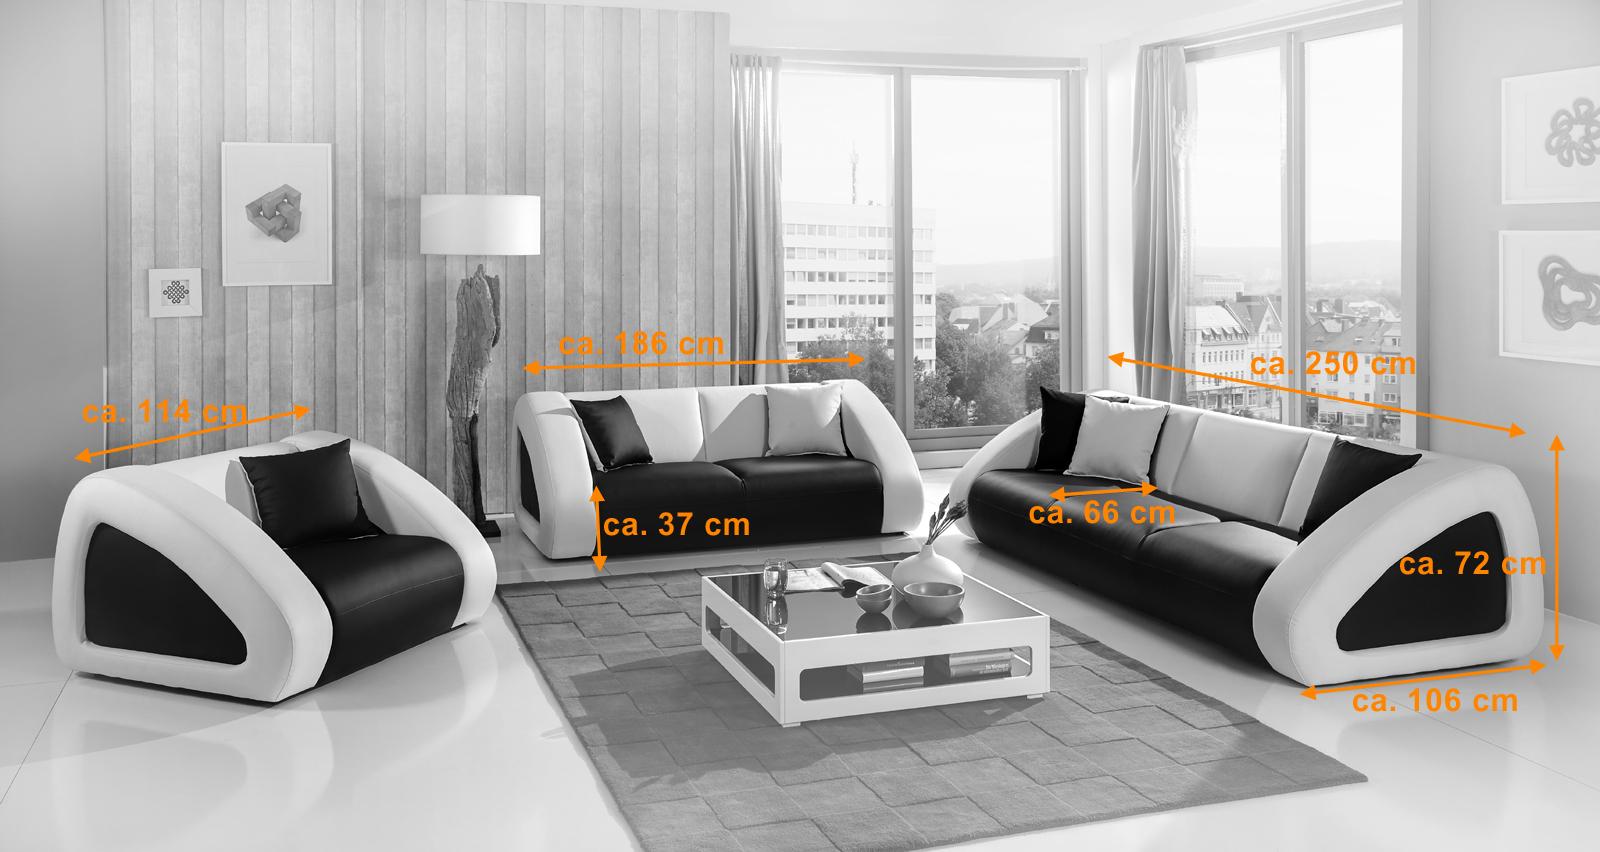 SAM® Polster Sofa Garnitur schwarz/weiß/weiß CIAO Combi 3-2-1